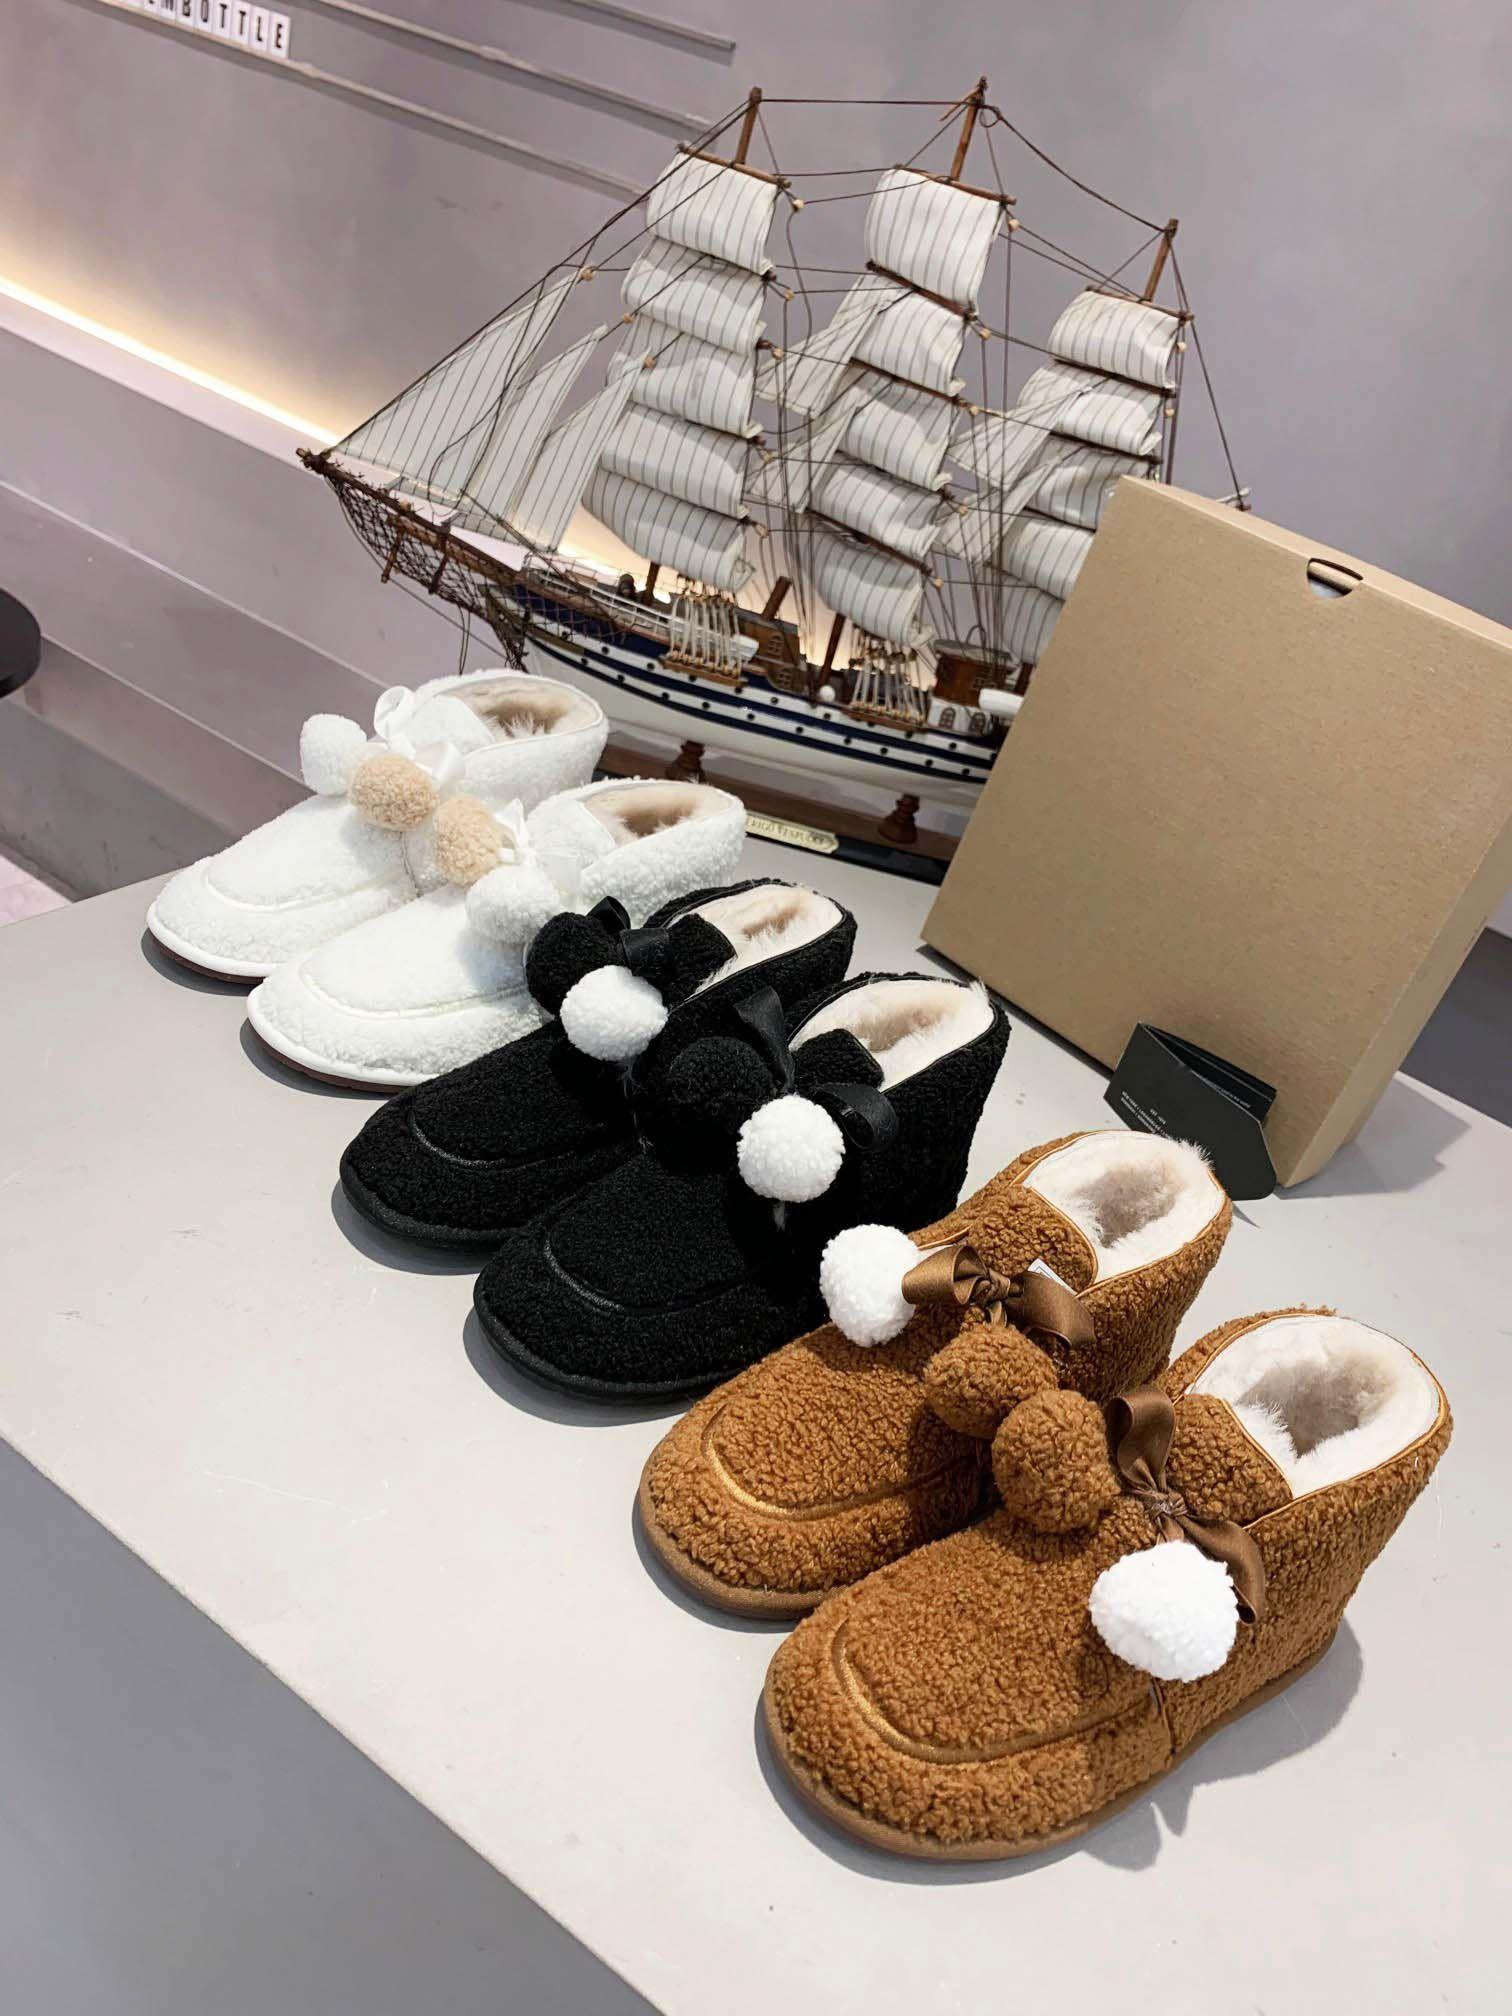 2020 filles de vente à chaud bottes de neige l'hiver casual femmes créateurs de mode appartements chaussure dame en plein air moitié chaud fourrure douce casual botte marron # U26